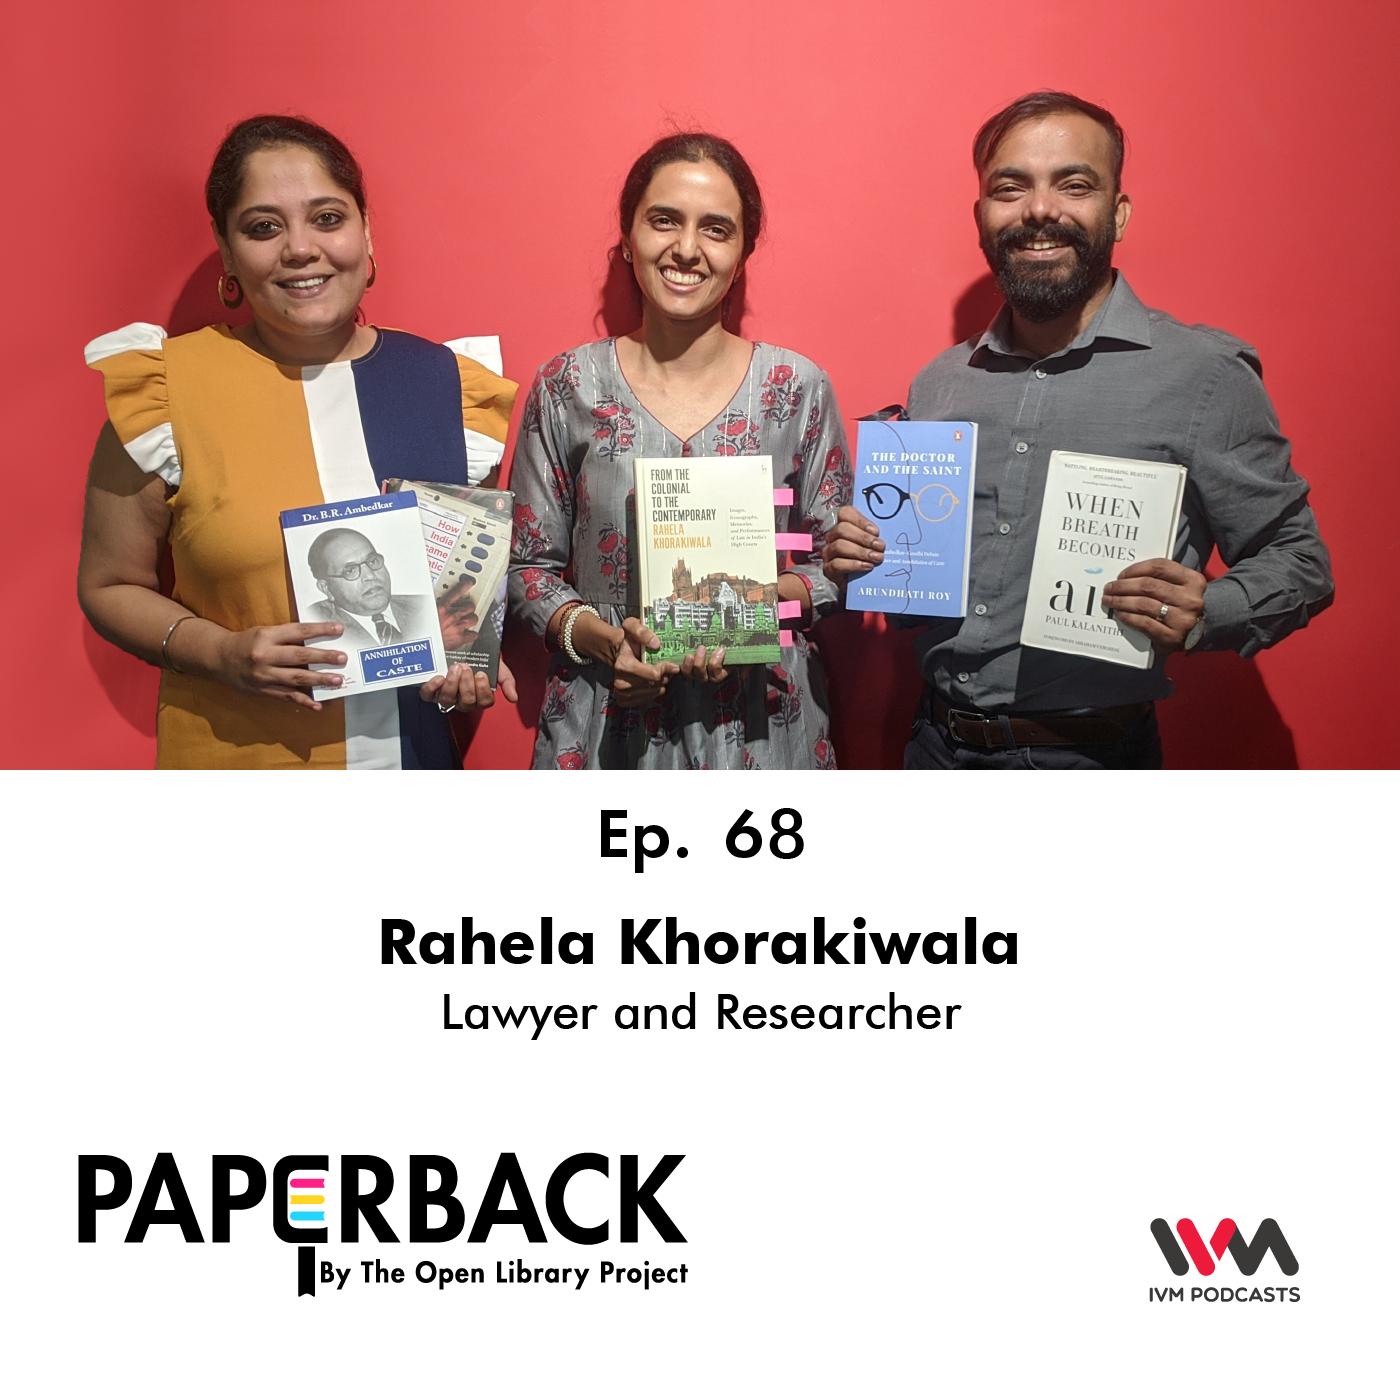 Ep. 68: Rahela Khorakiwala